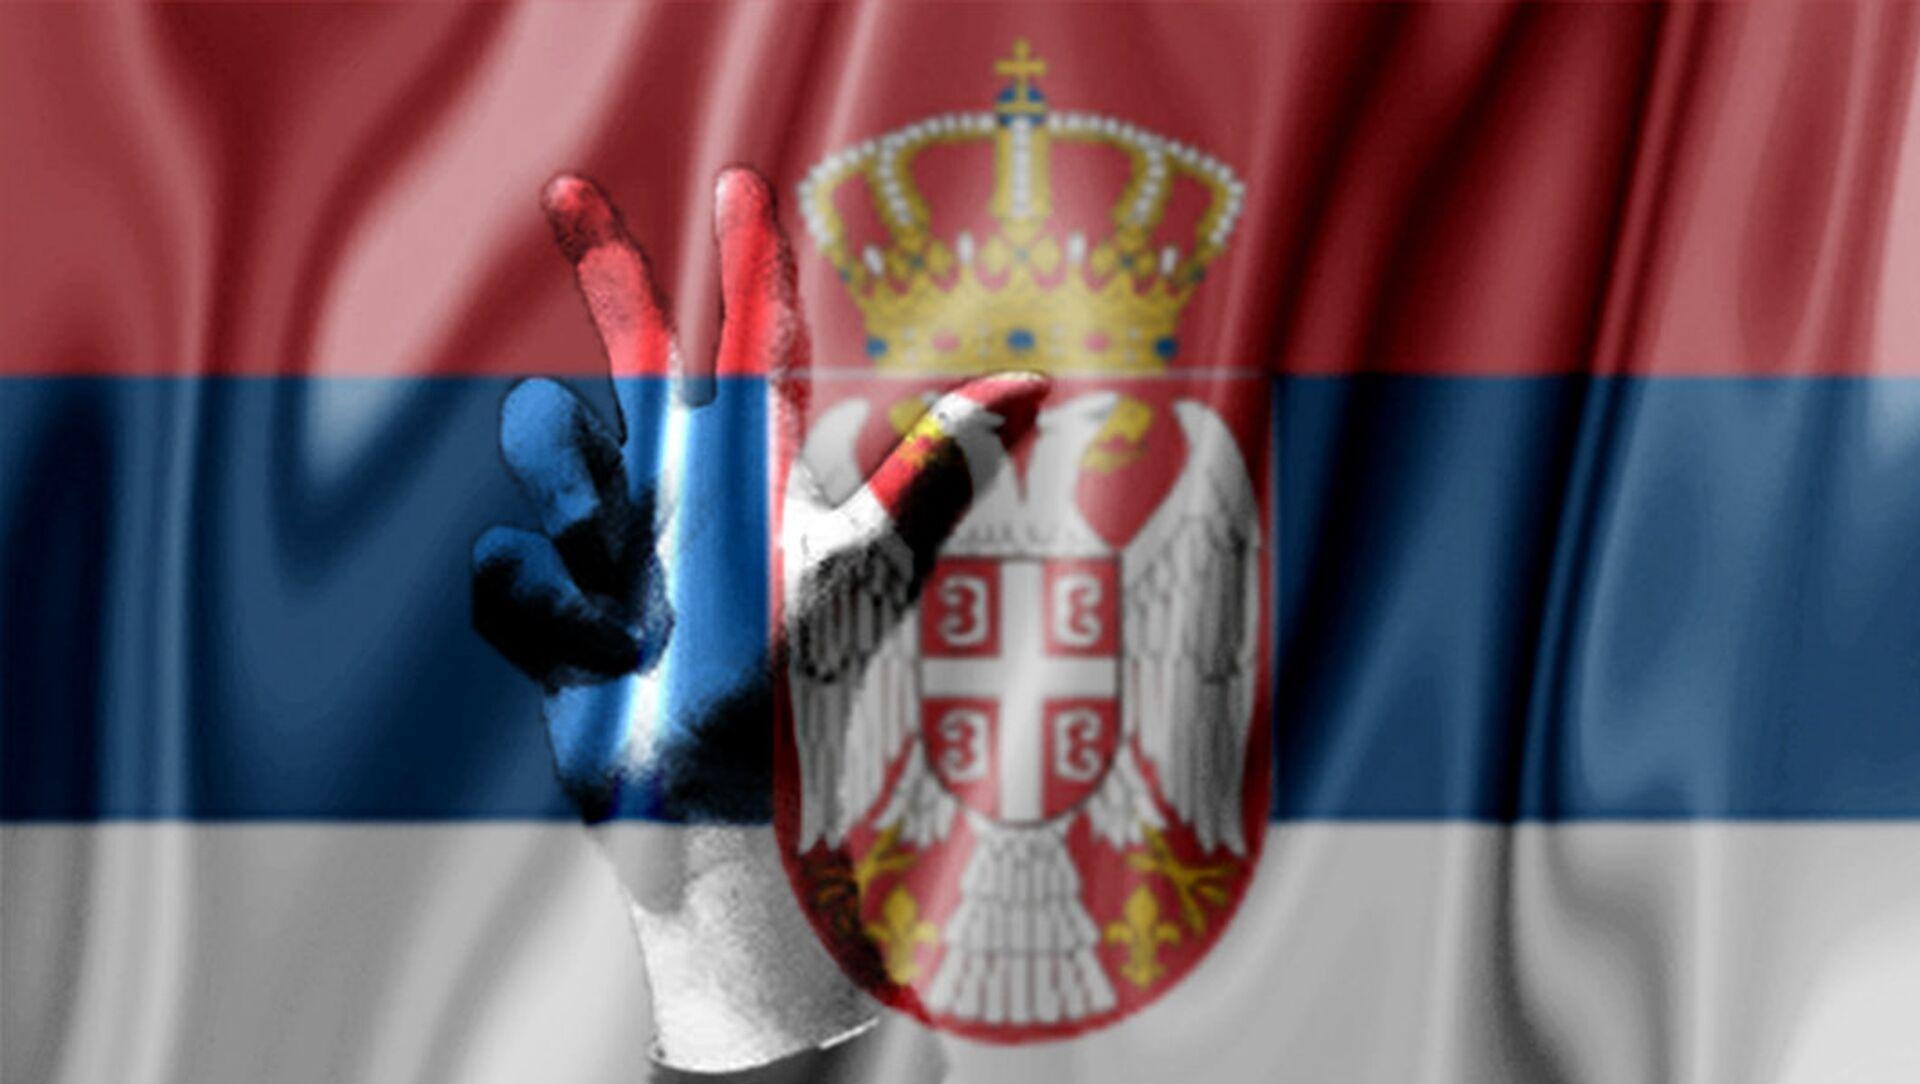 Српска застава и три прста - илустрација - Sputnik Србија, 1920, 14.06.2021